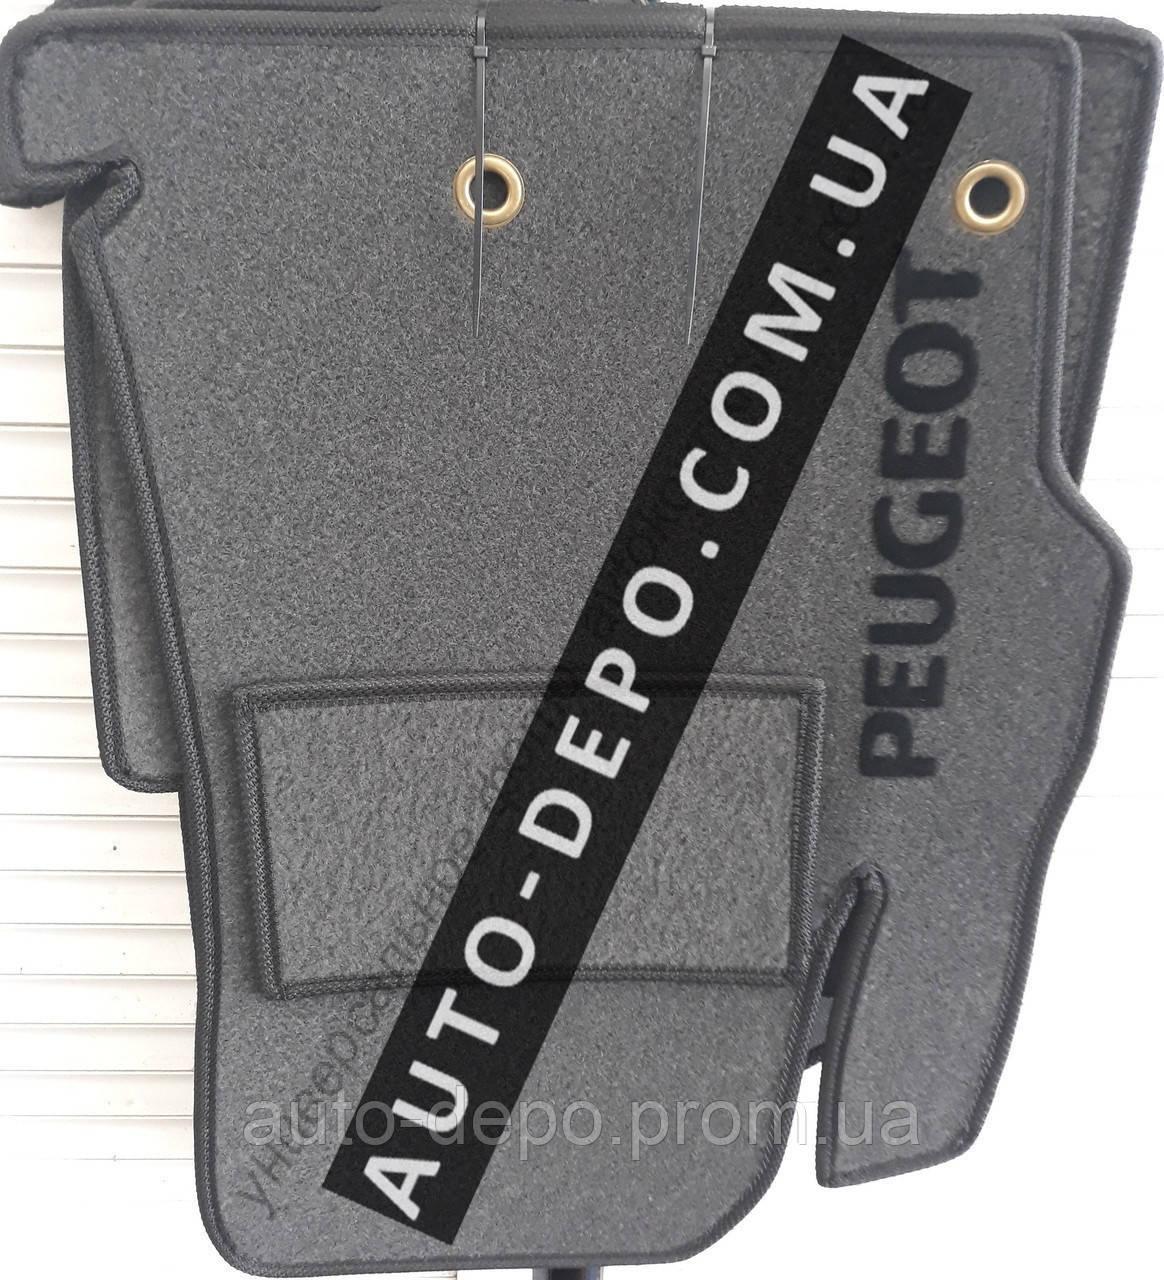 Ворсові килимки салону Peugeot 508 2010 - VIP ЛЮКС АВТО-ВОРС